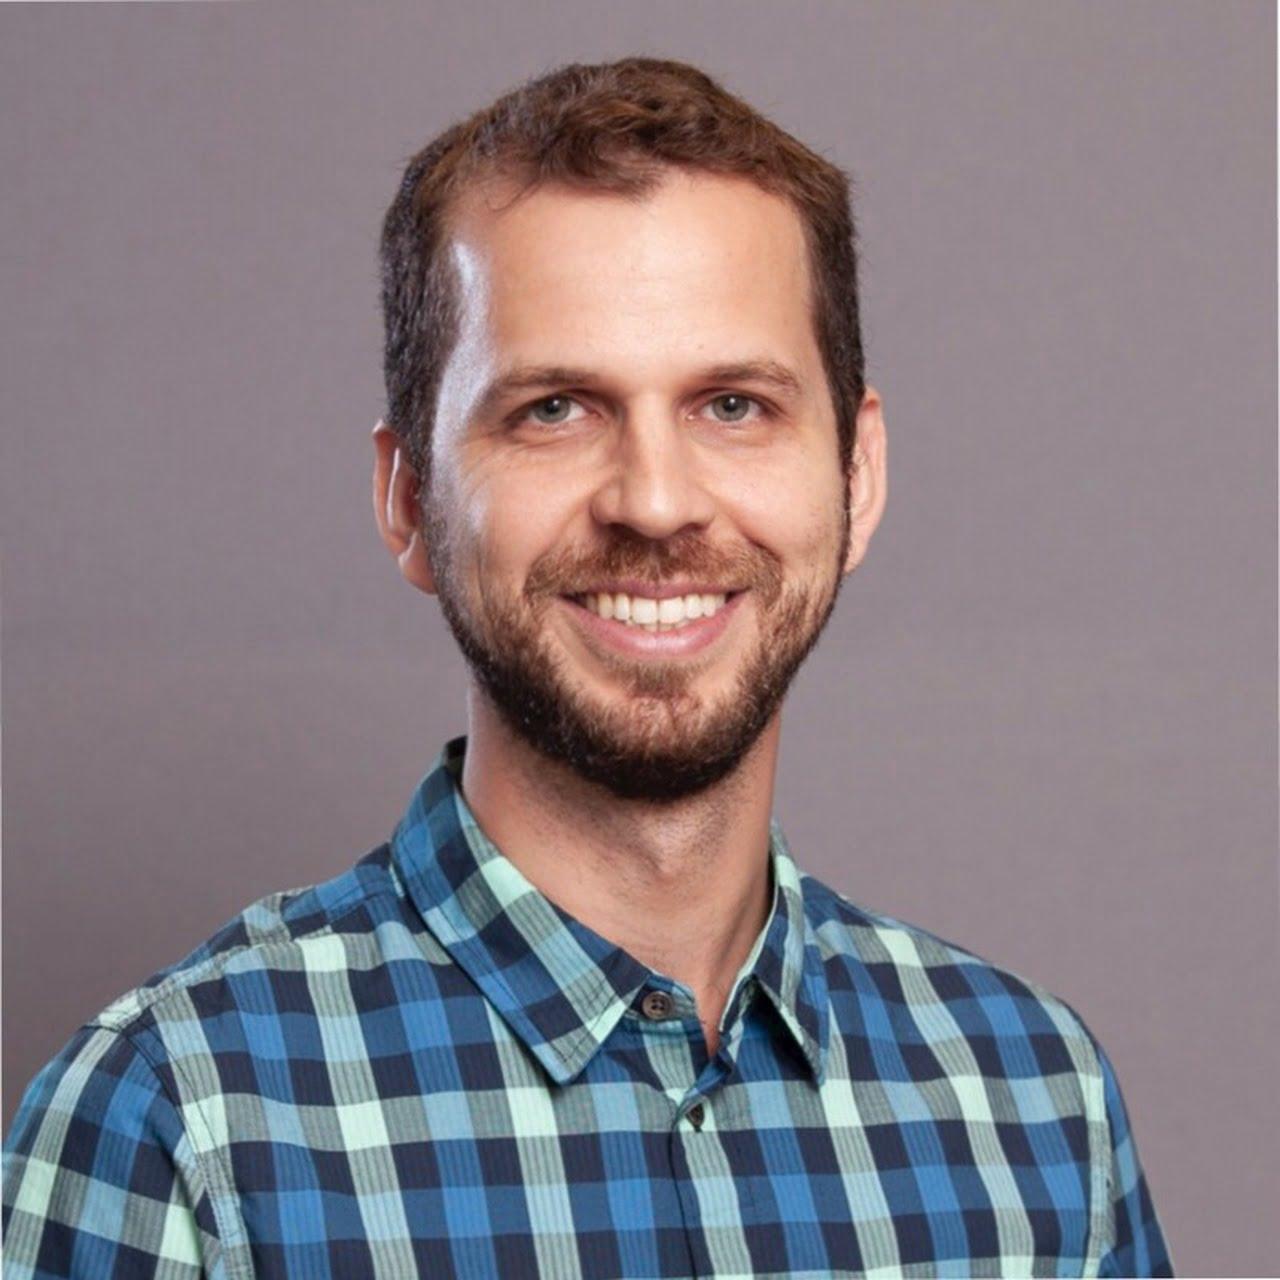 Bruno Camargo - Head de Transformação Digital